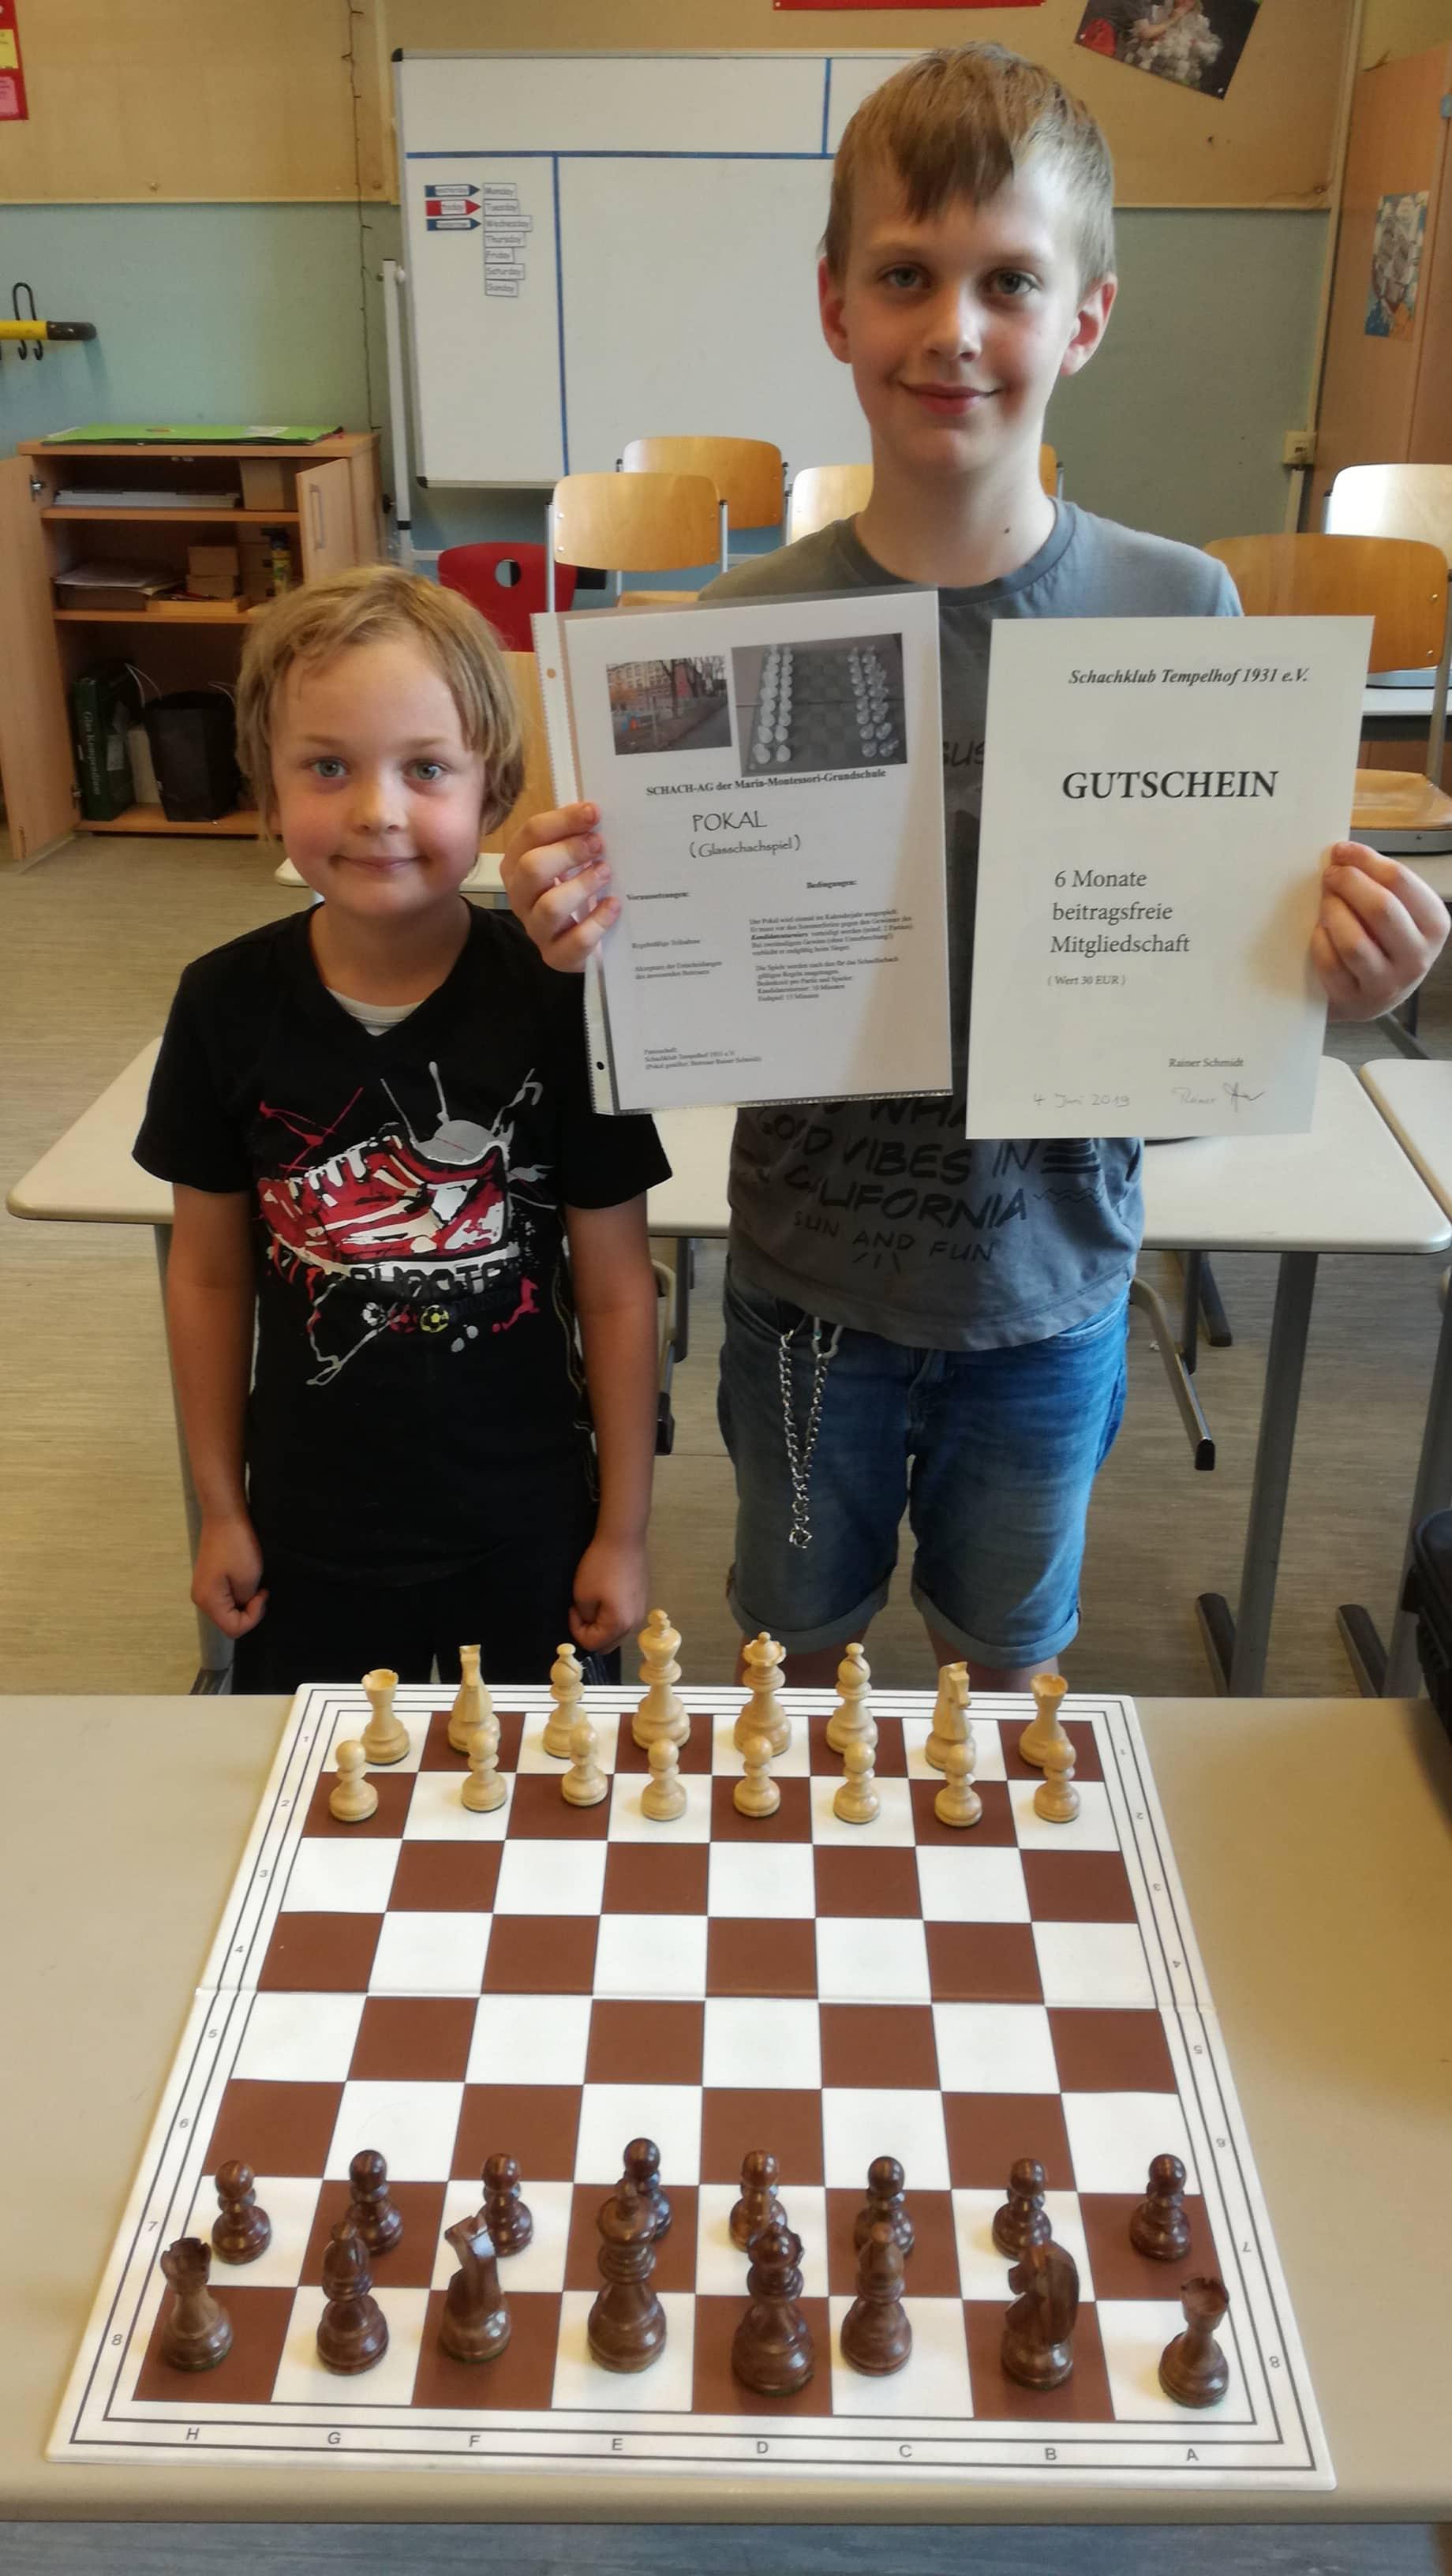 https://schachklub-tempelhof-neu.de/wp-content/uploads/2019/06/IMG_20190604_160844.jpg